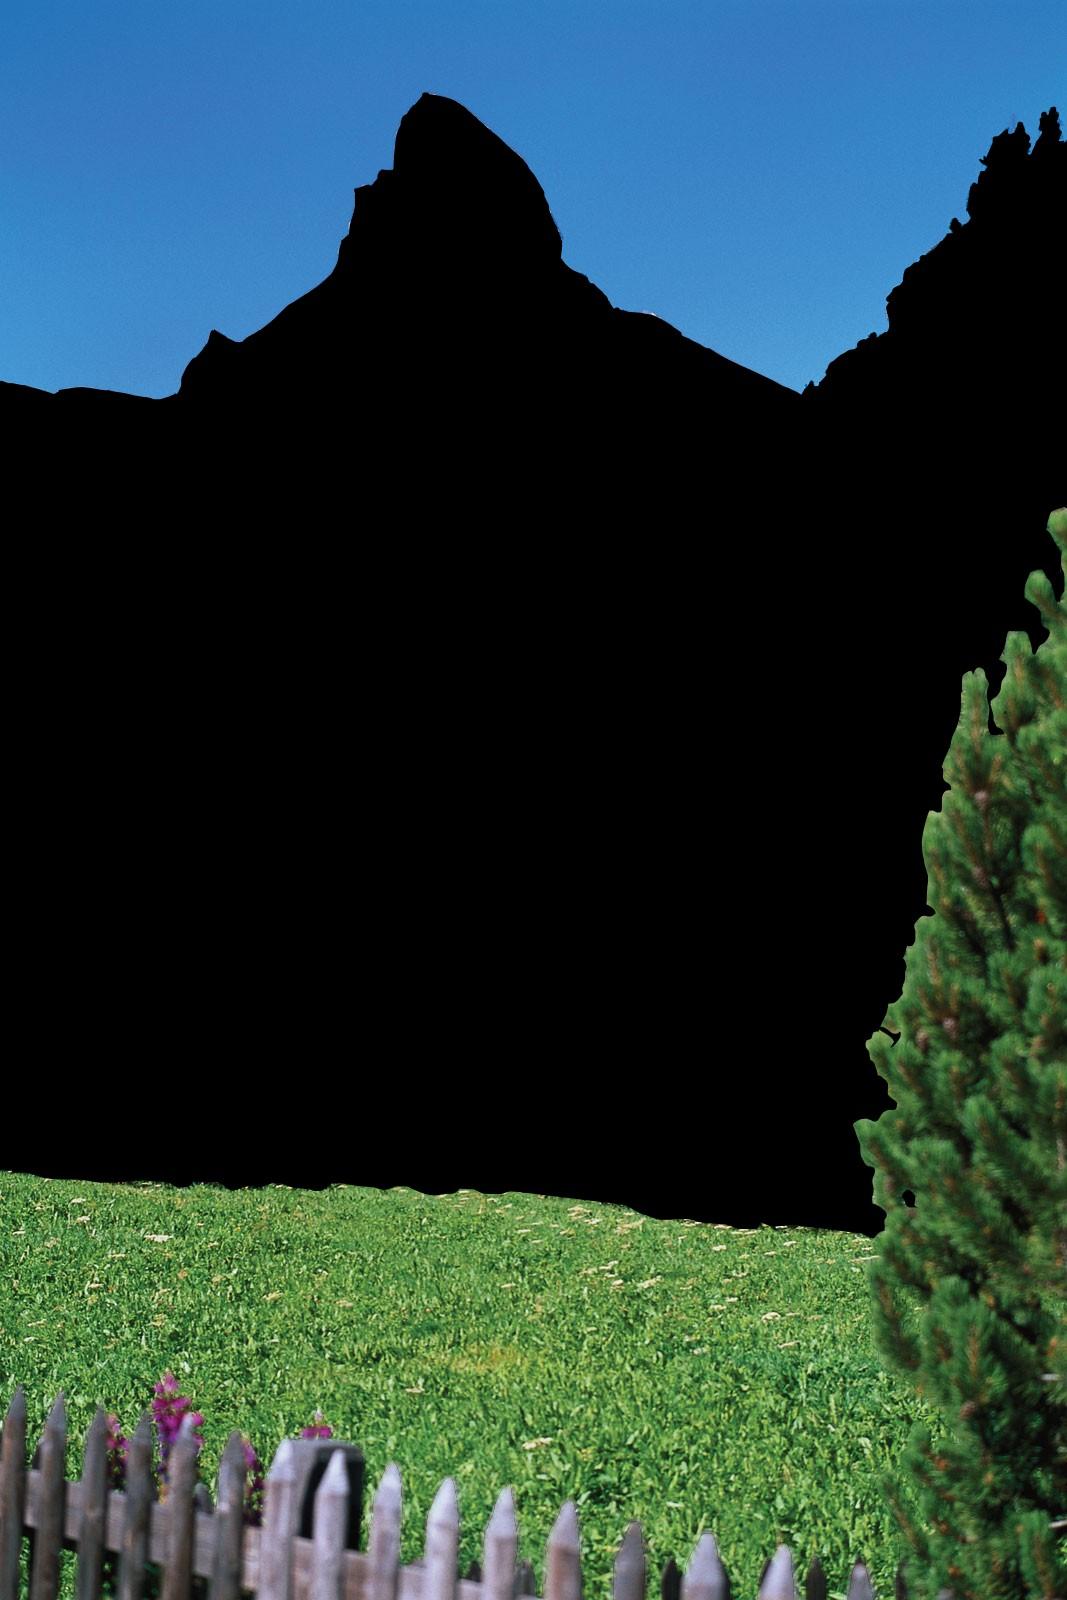 matterhorn-valley-cutup.png